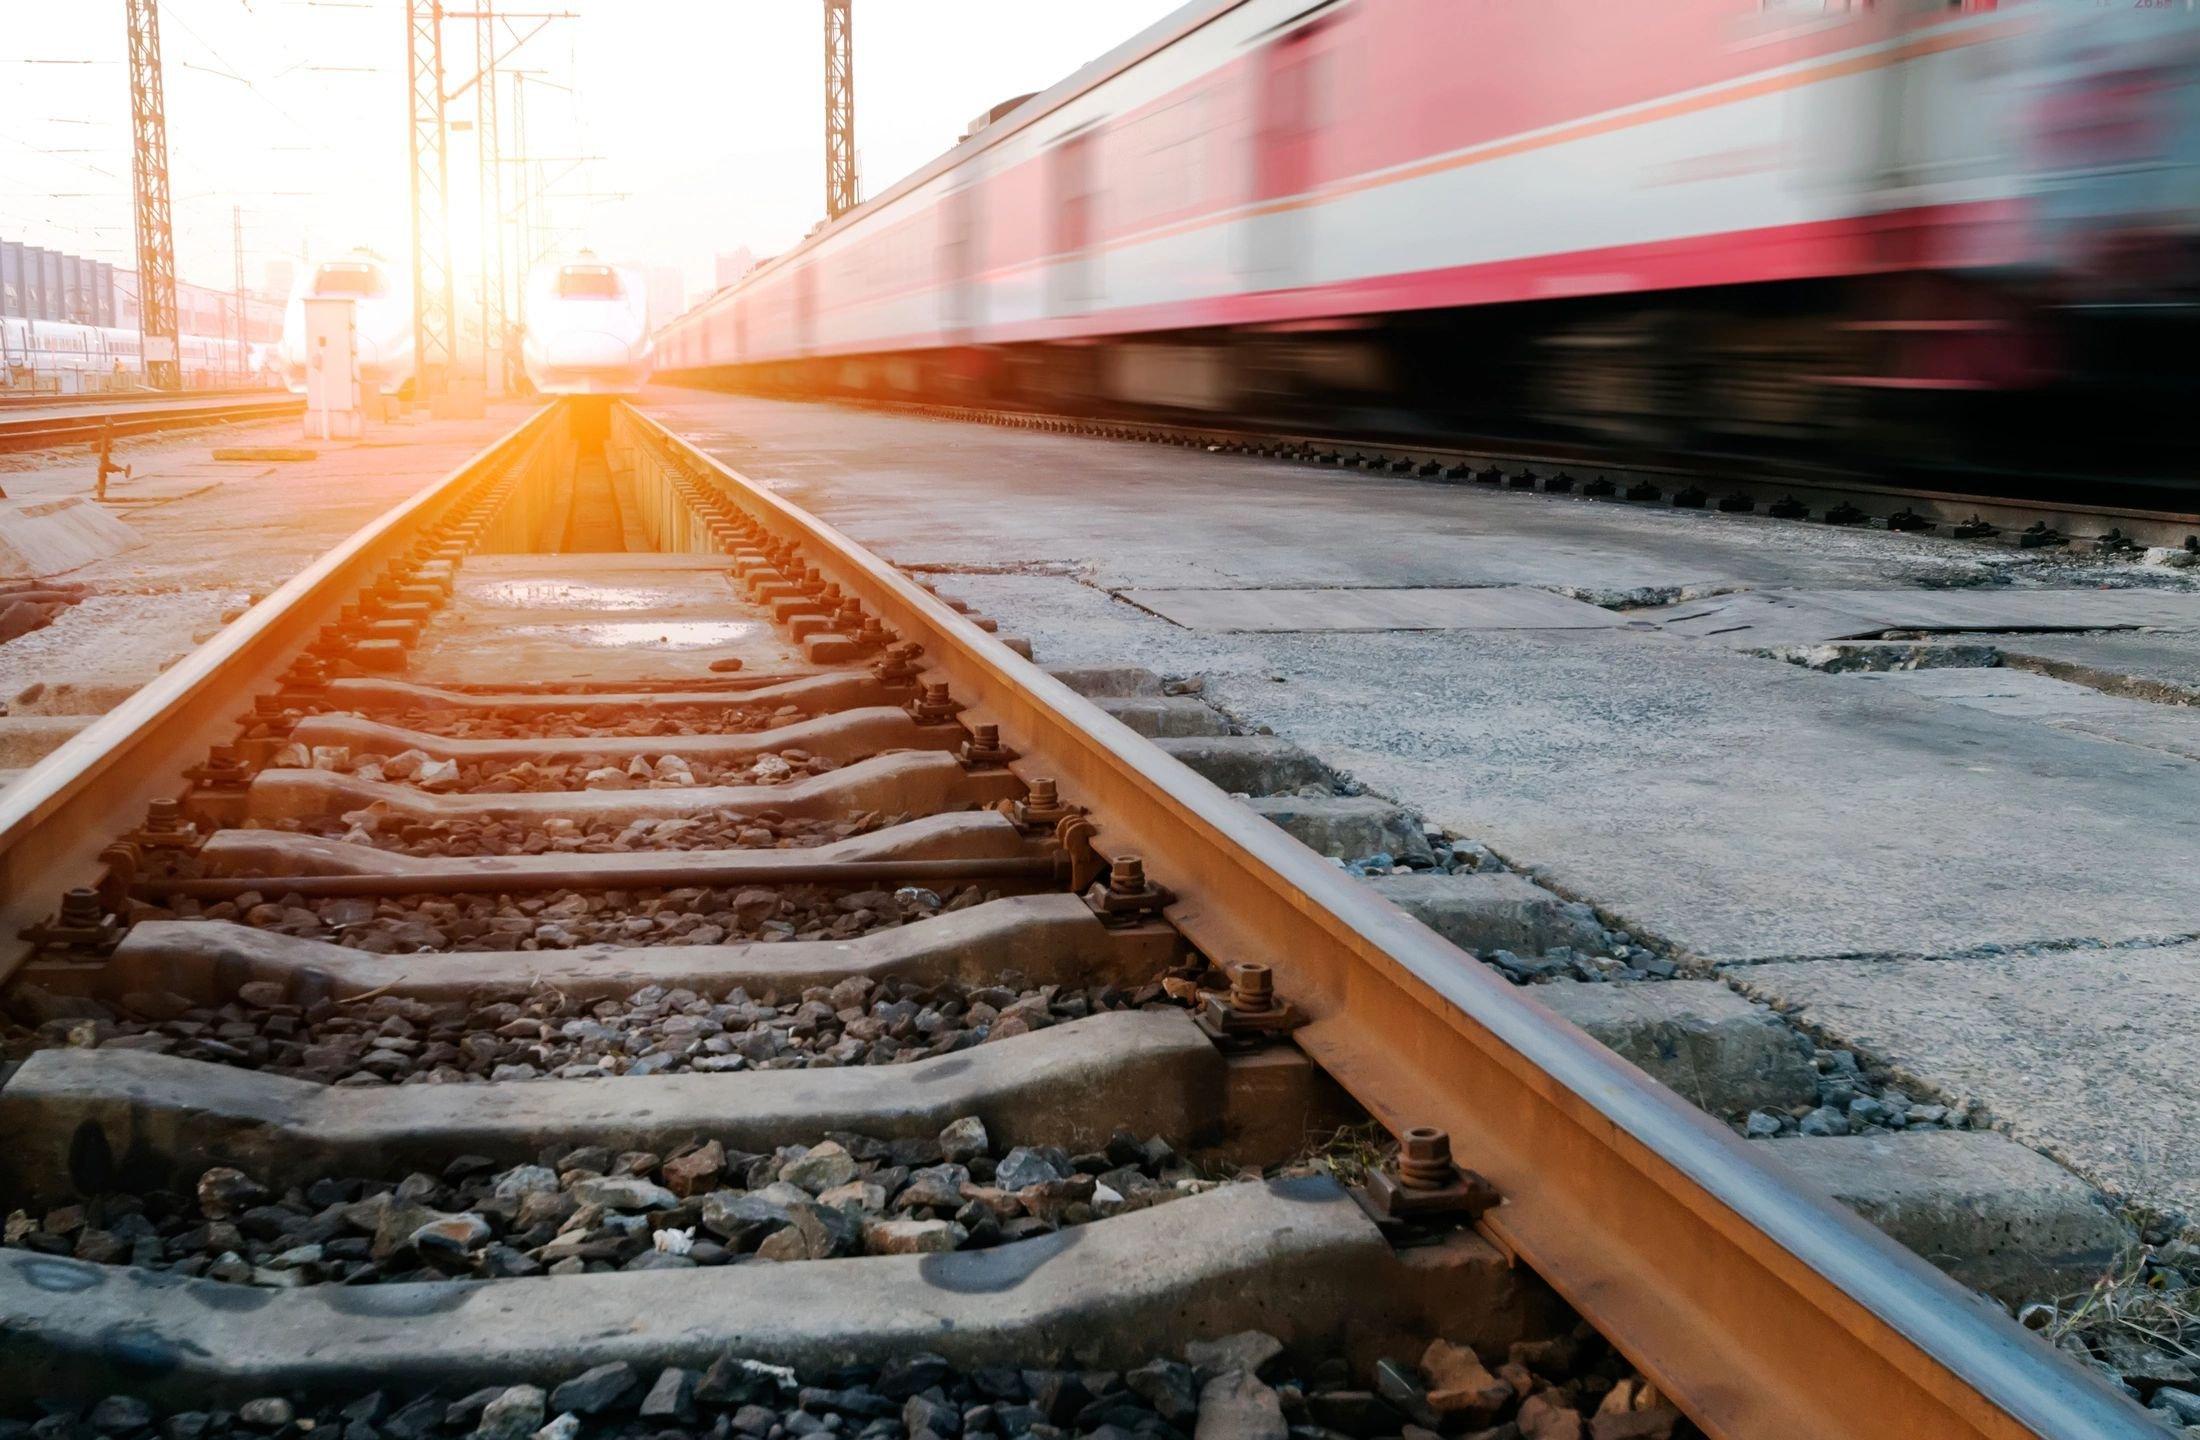 ВУфе грузовой поезд сбил молодую девушку снаушниками вушах